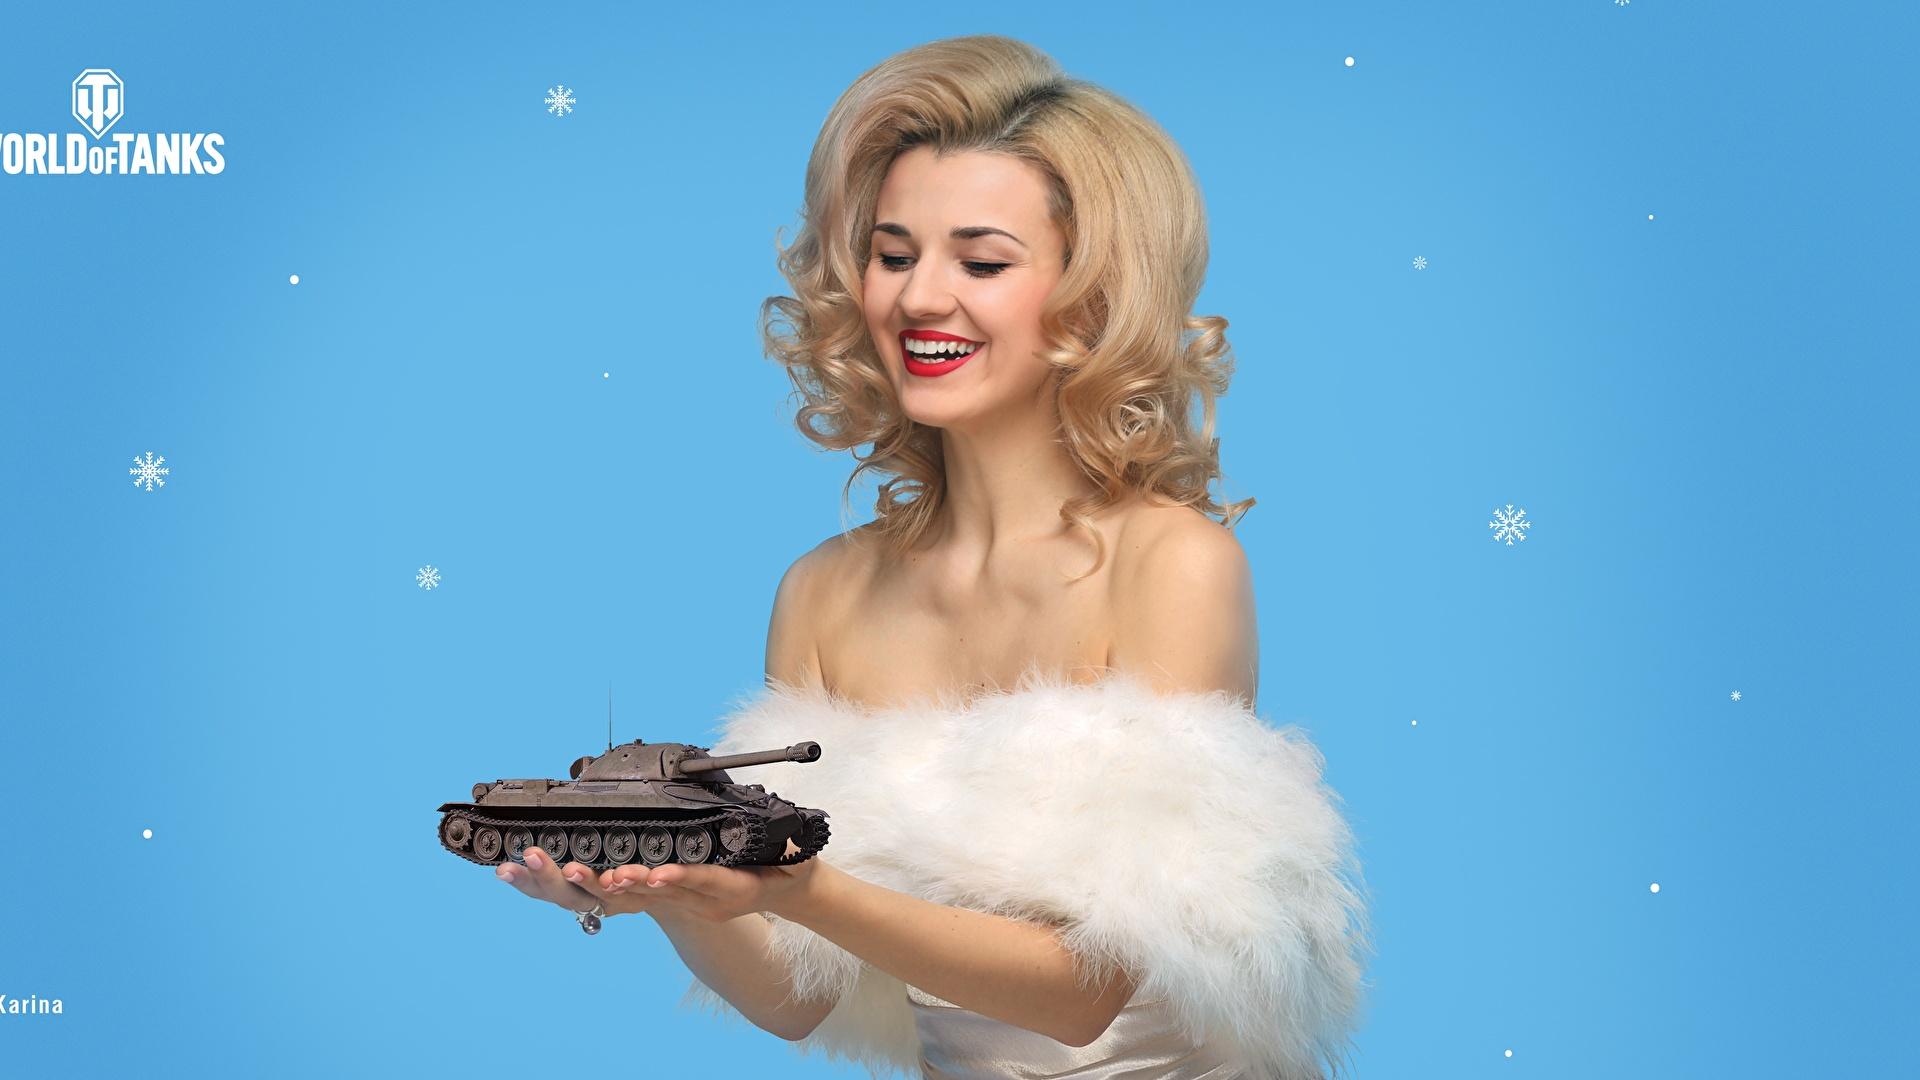 Bilder von World of Tanks Tag des Verteidigers des Vaterlandes Blondine Make Up Lächeln Karina Frisur junge Frauen Spiele Geschenke 1920x1080 WOT Blond Mädchen Schminke Frisuren Mädchens junge frau computerspiel